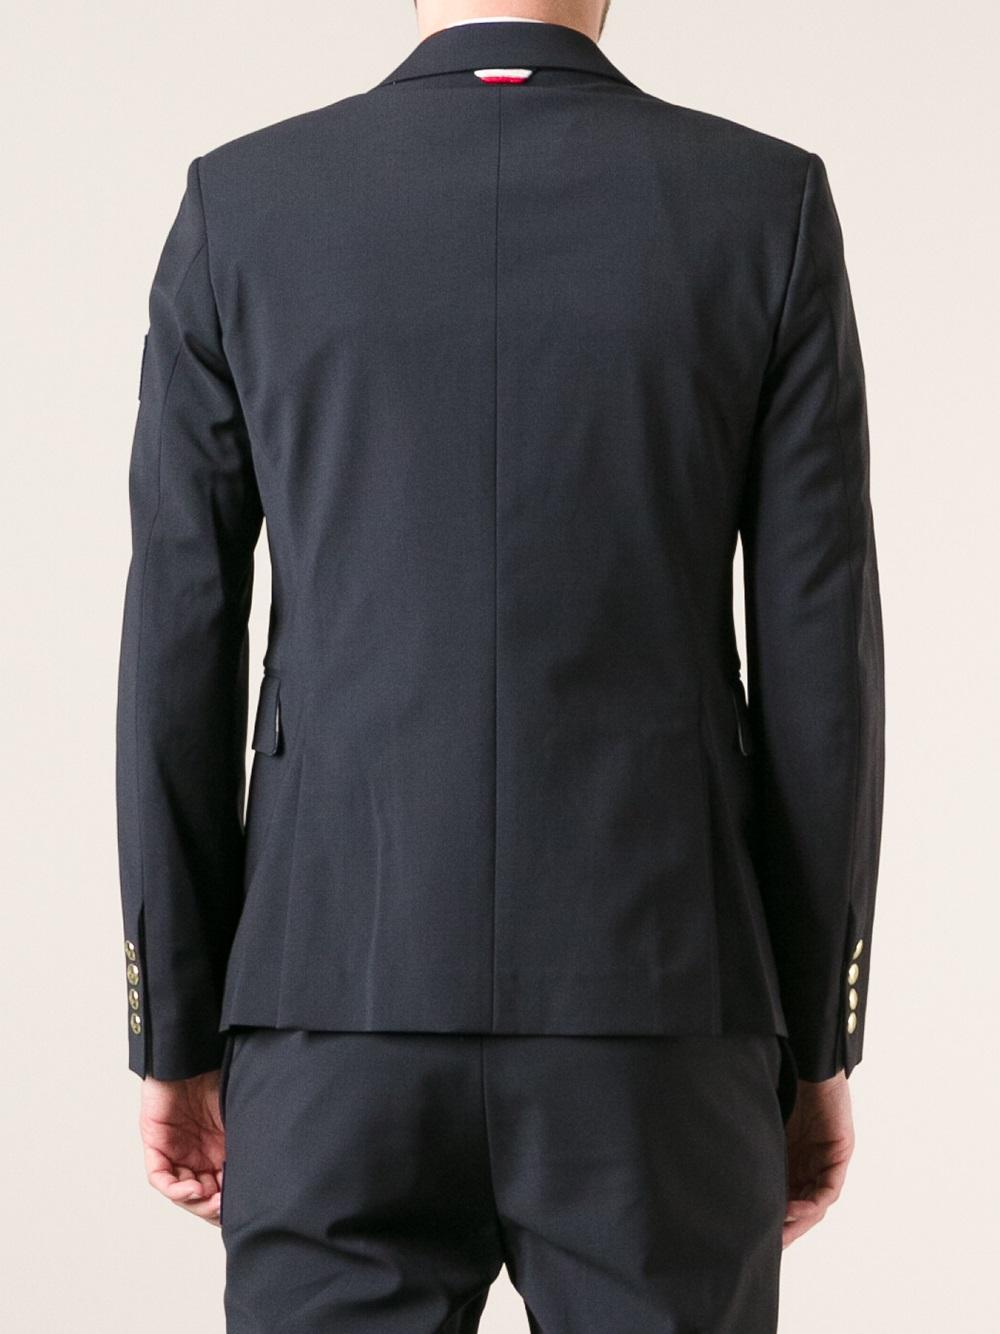 moncler suit jacket